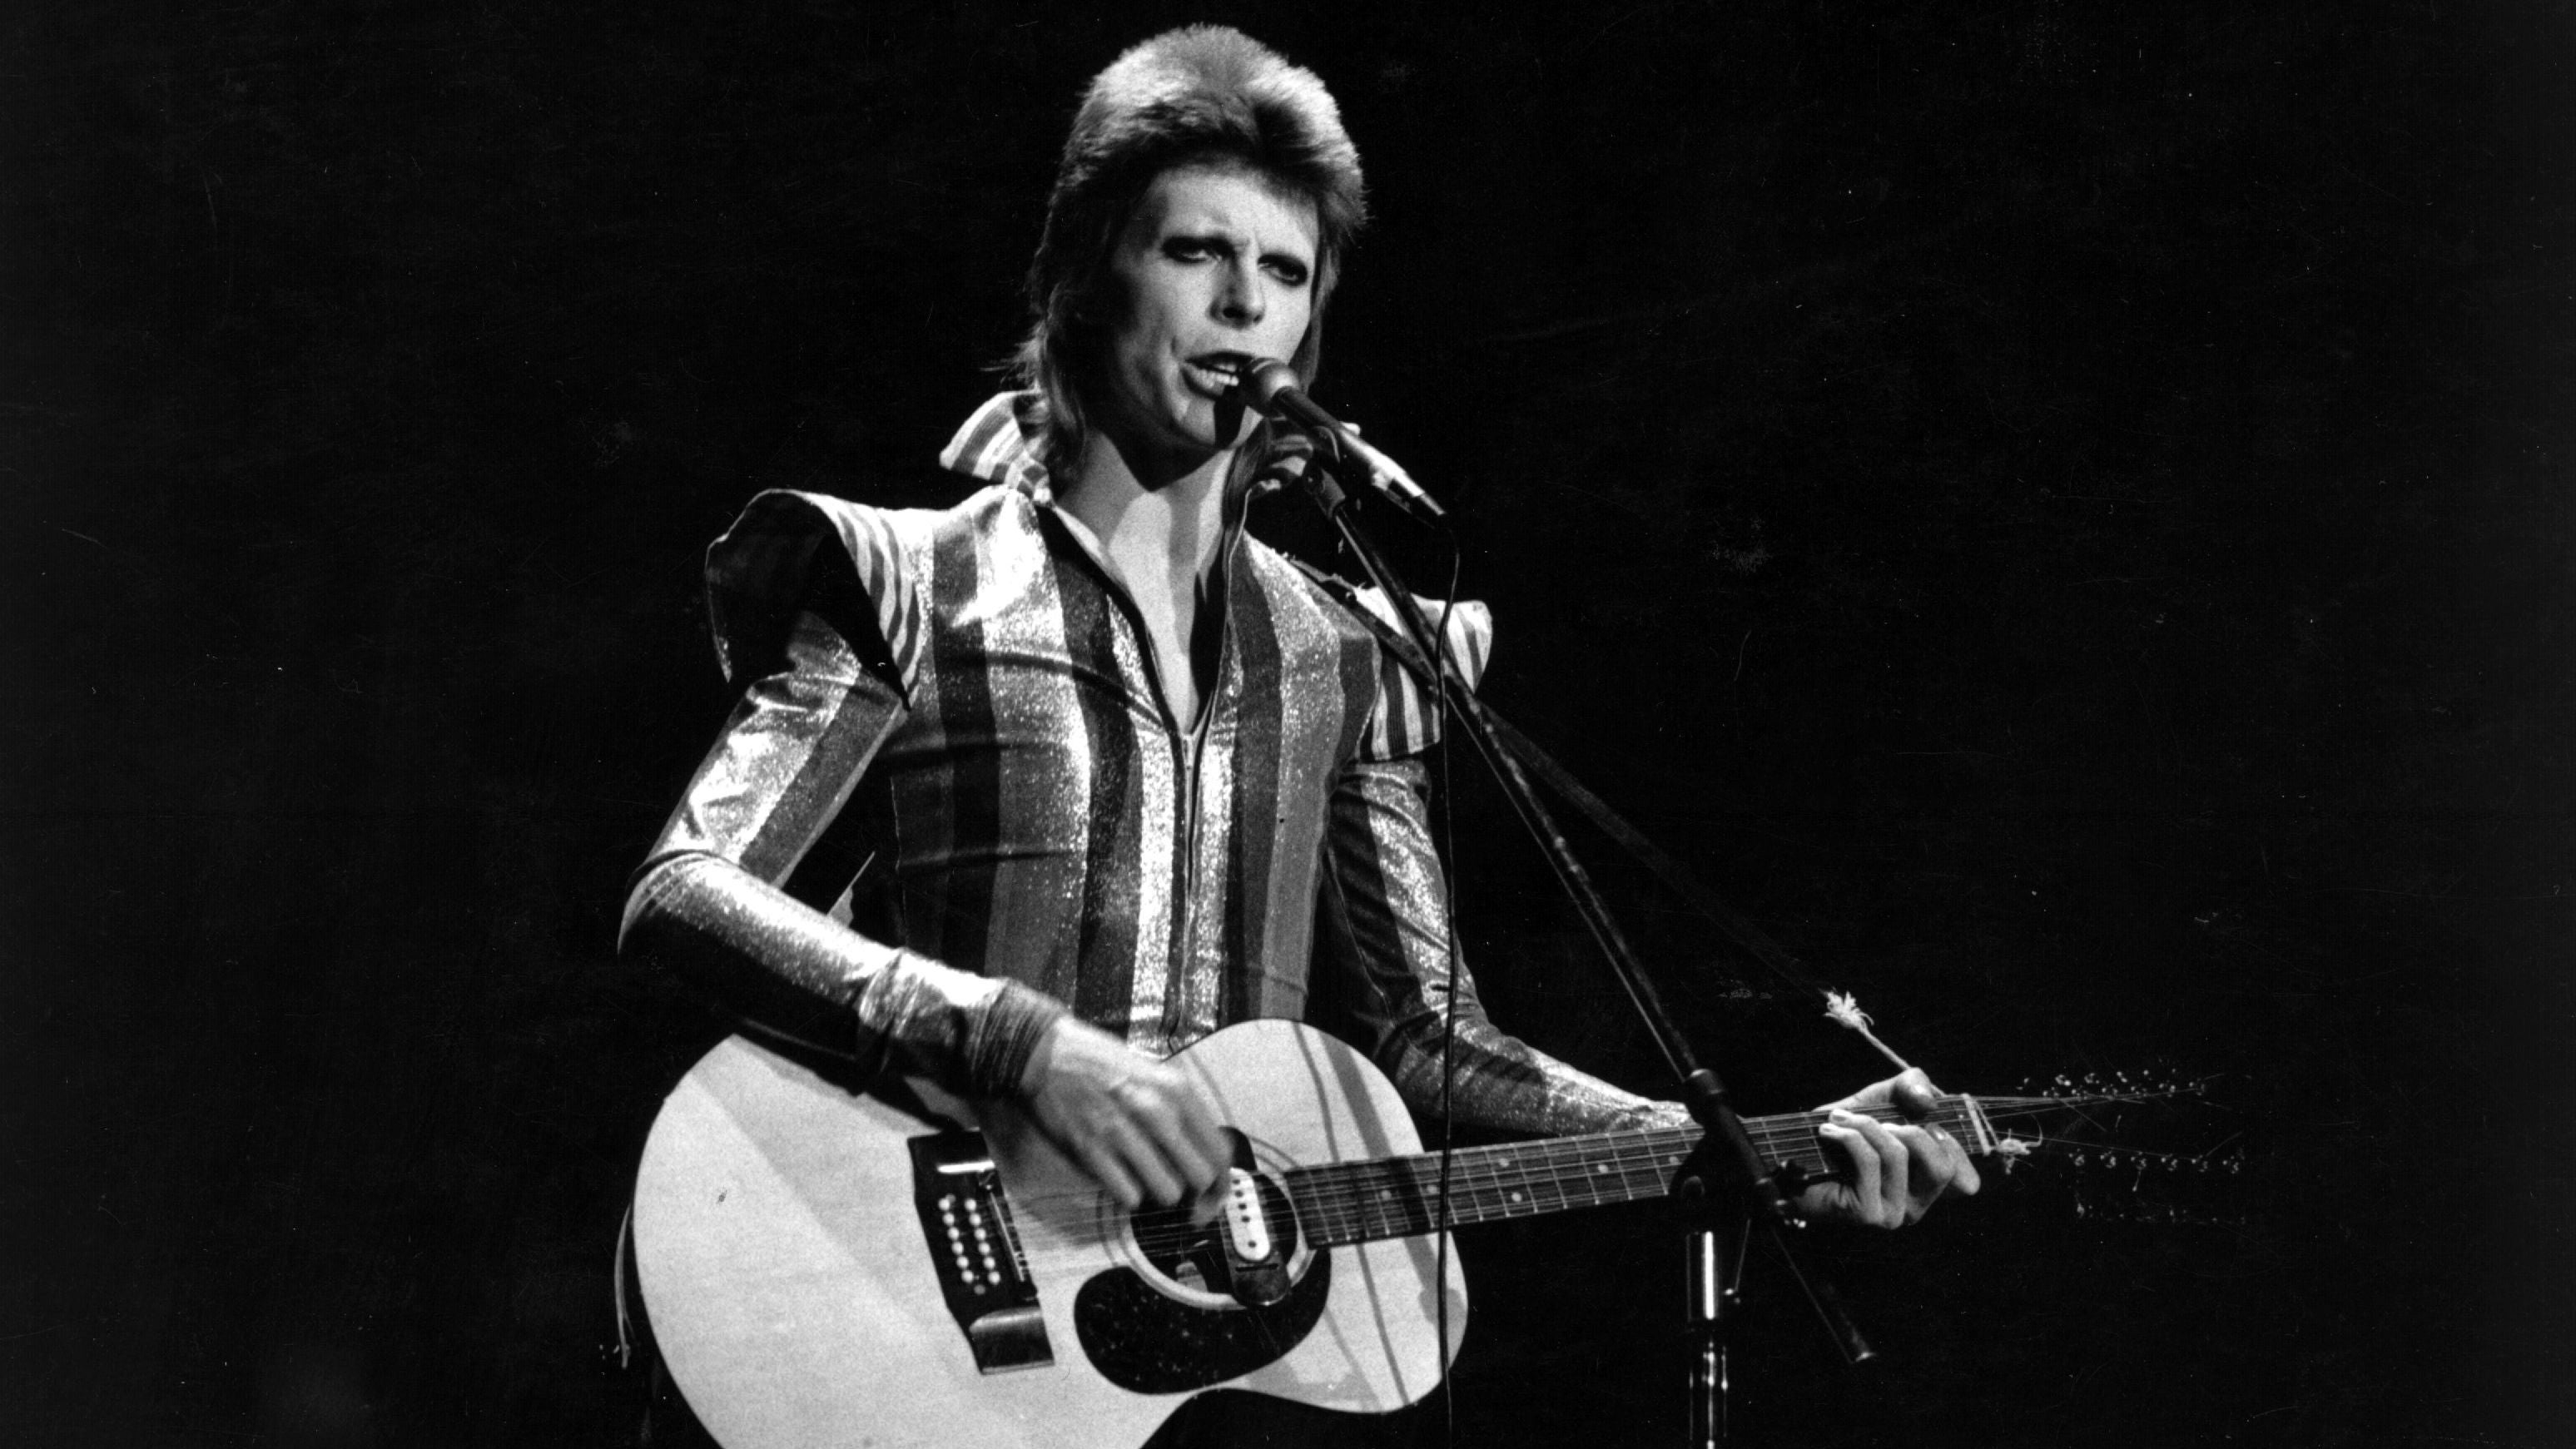 Fan Unearths Footage From David Bowie's 1972 Ziggy Stardust TV Debut But Can Technicians Restore It?